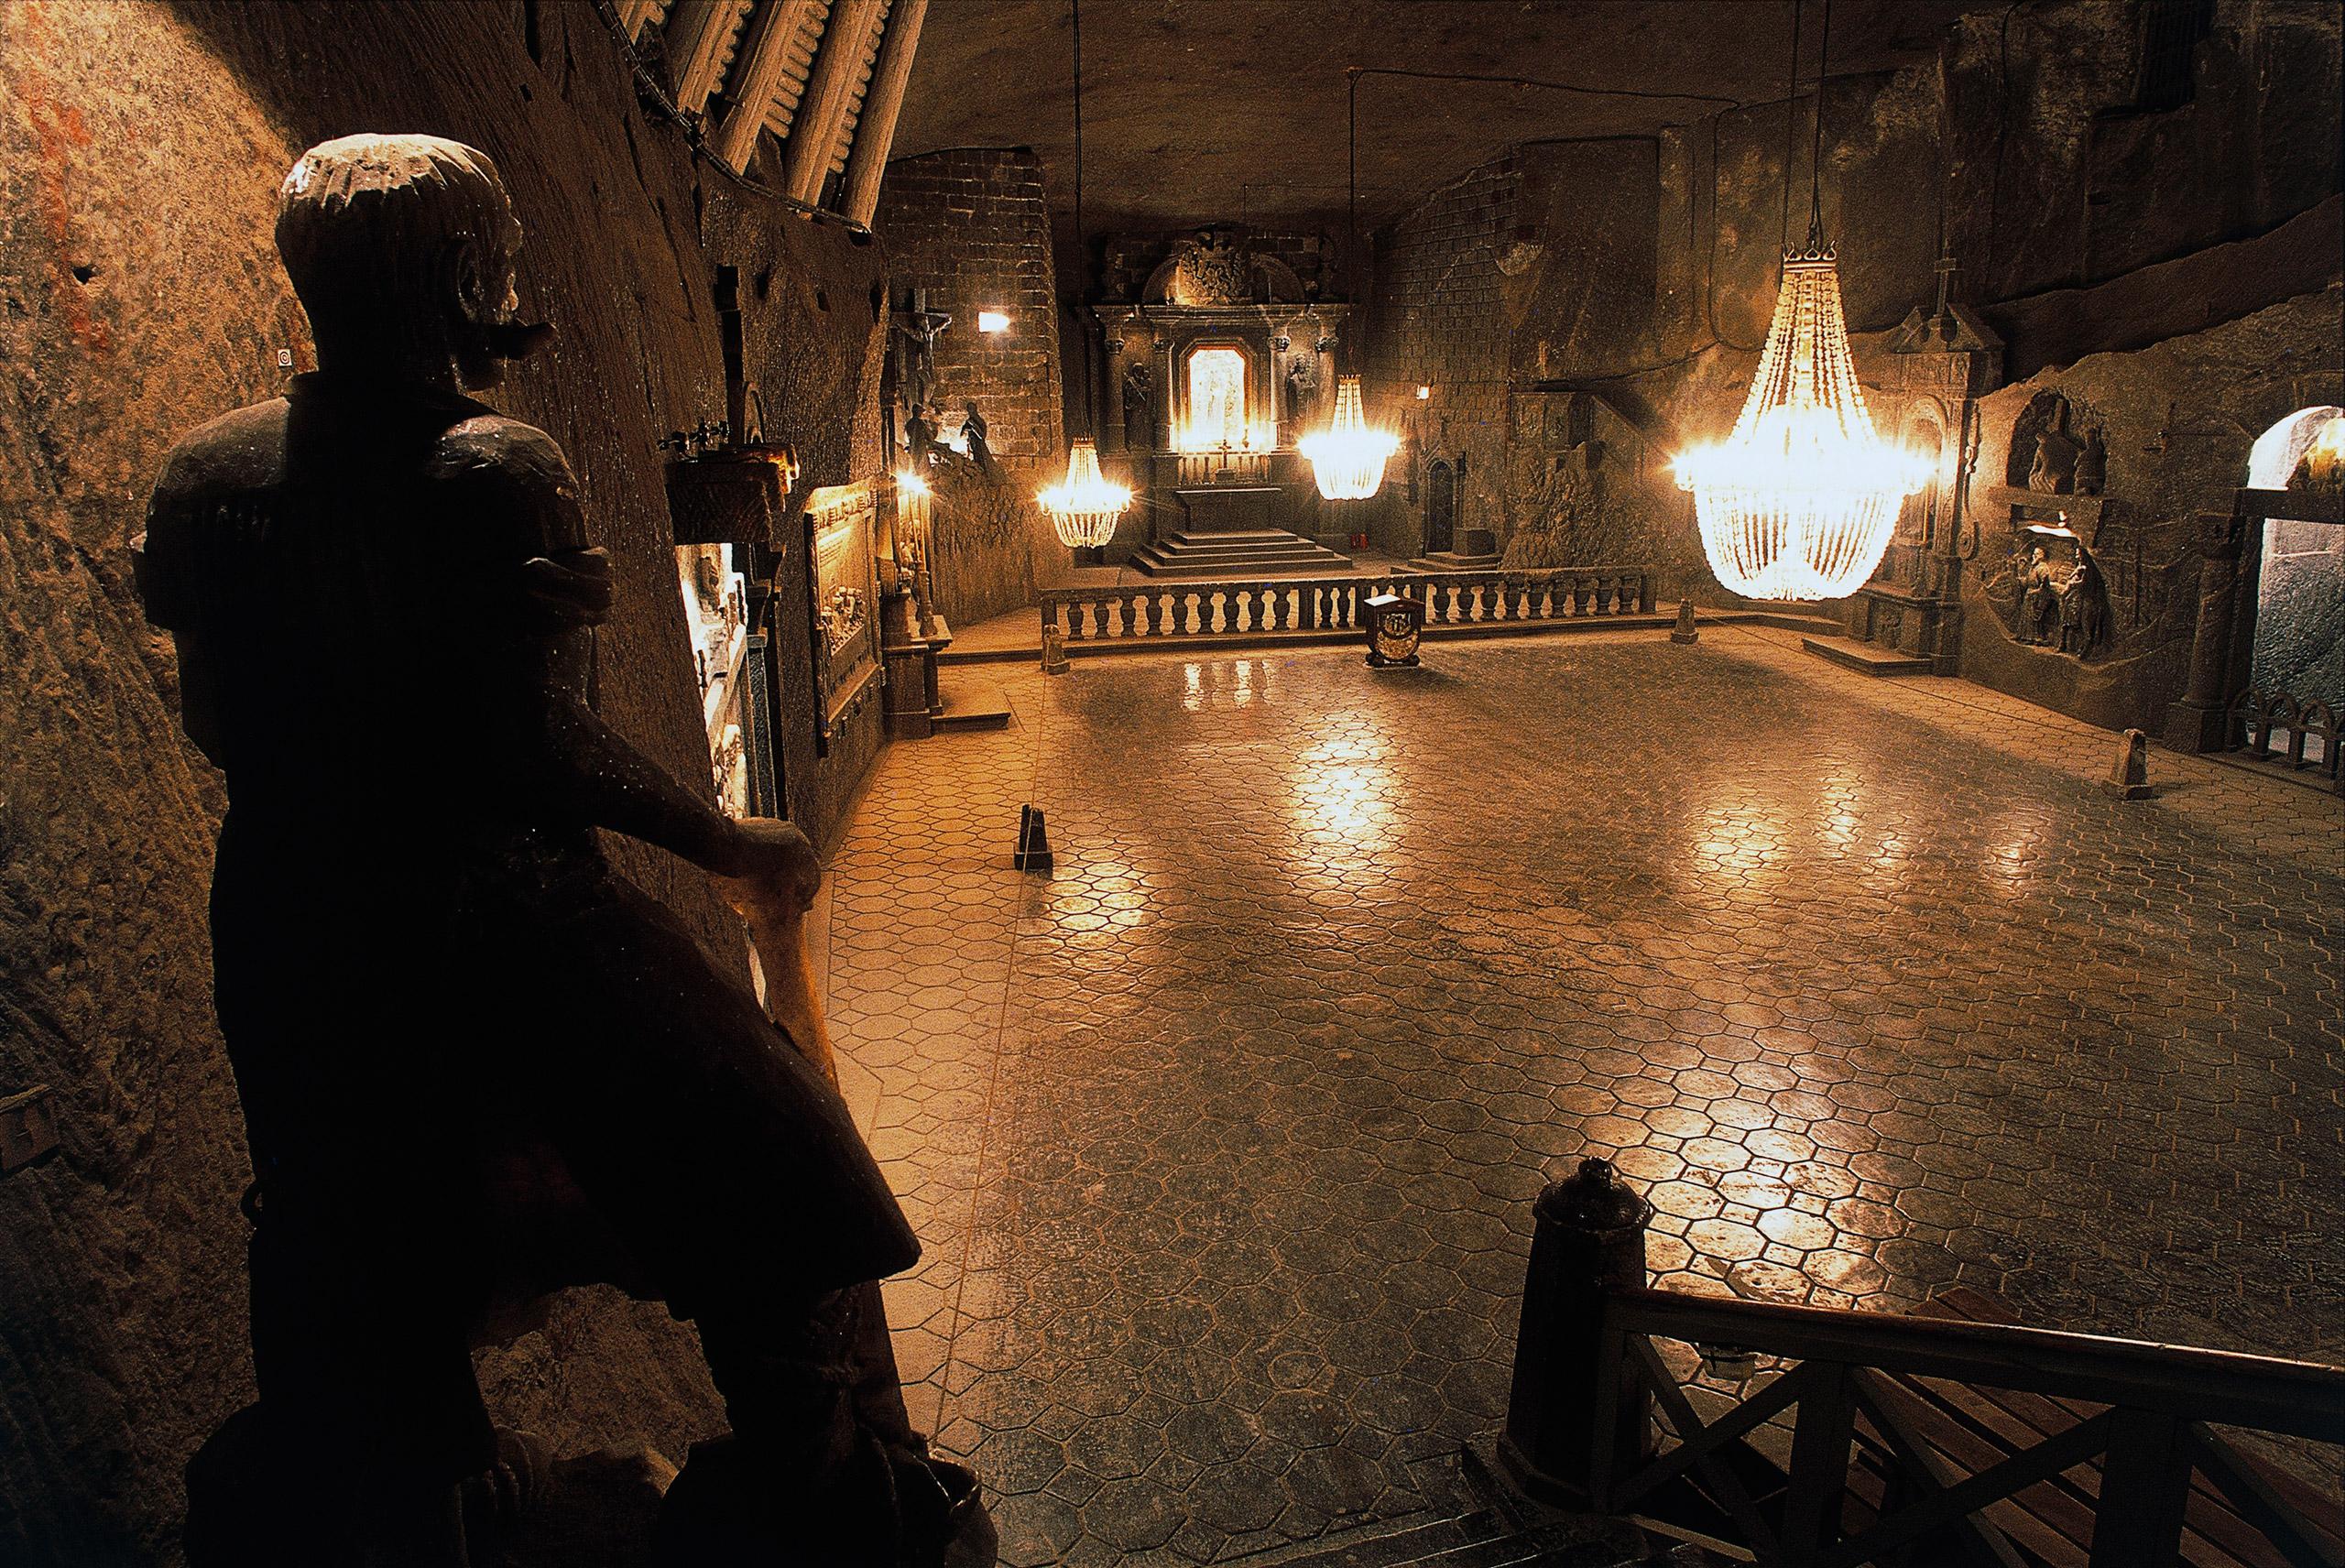 Interior of Wieliczka salt mine in Poland.